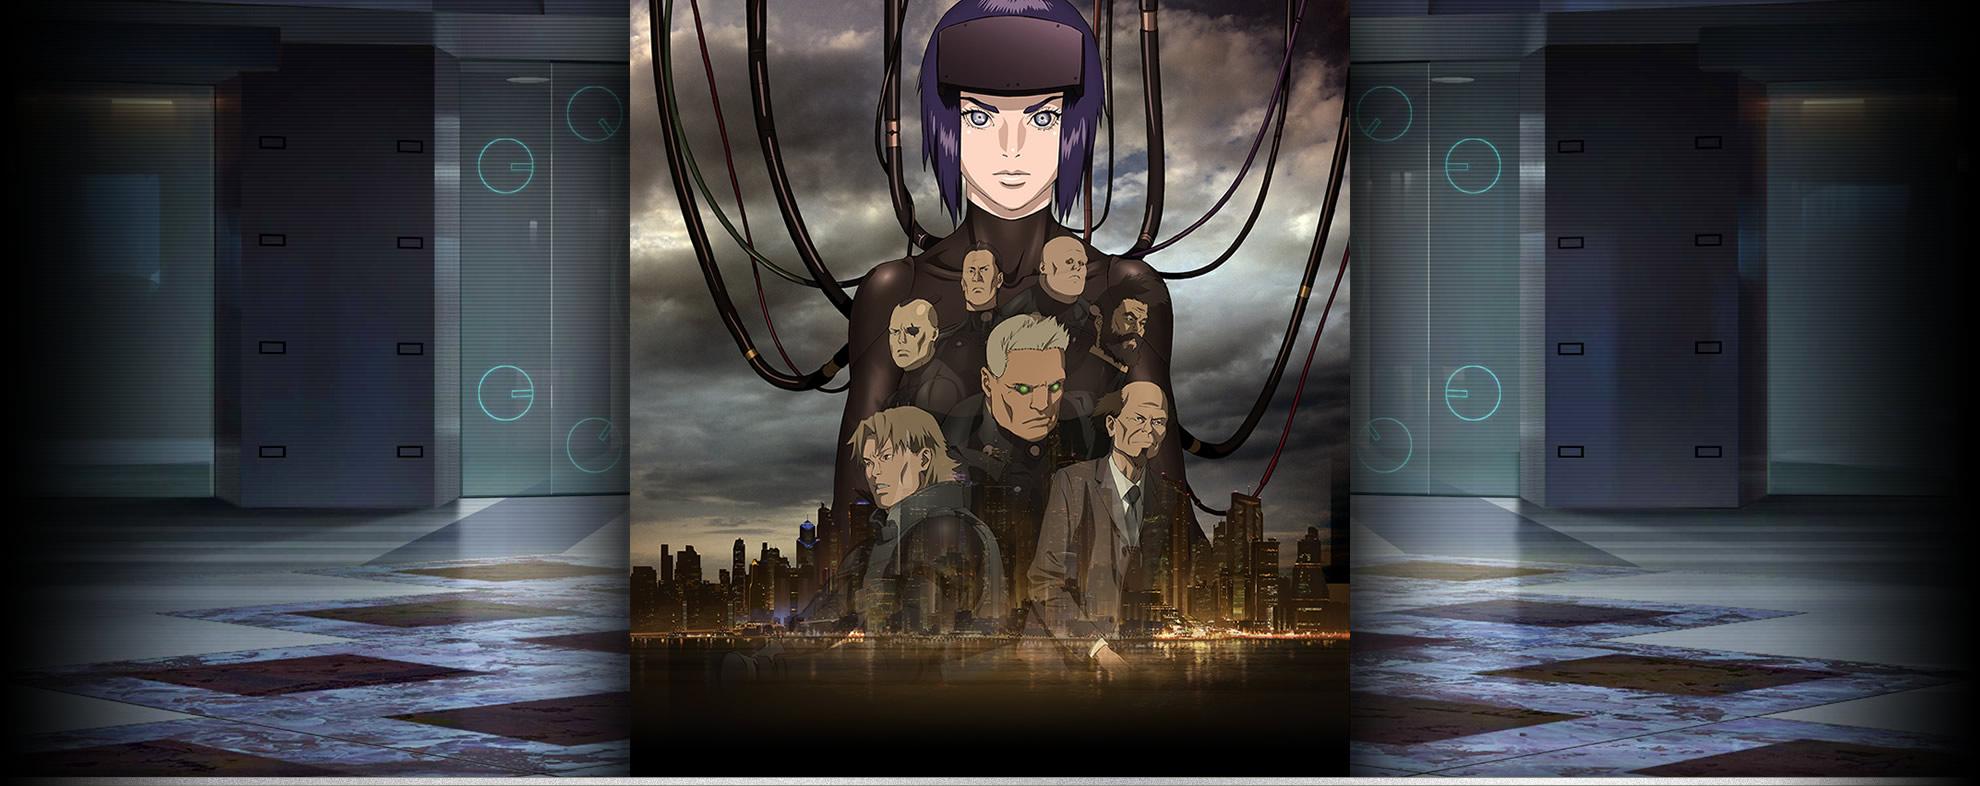 アニメ『攻殻機動隊』シリーズ解説